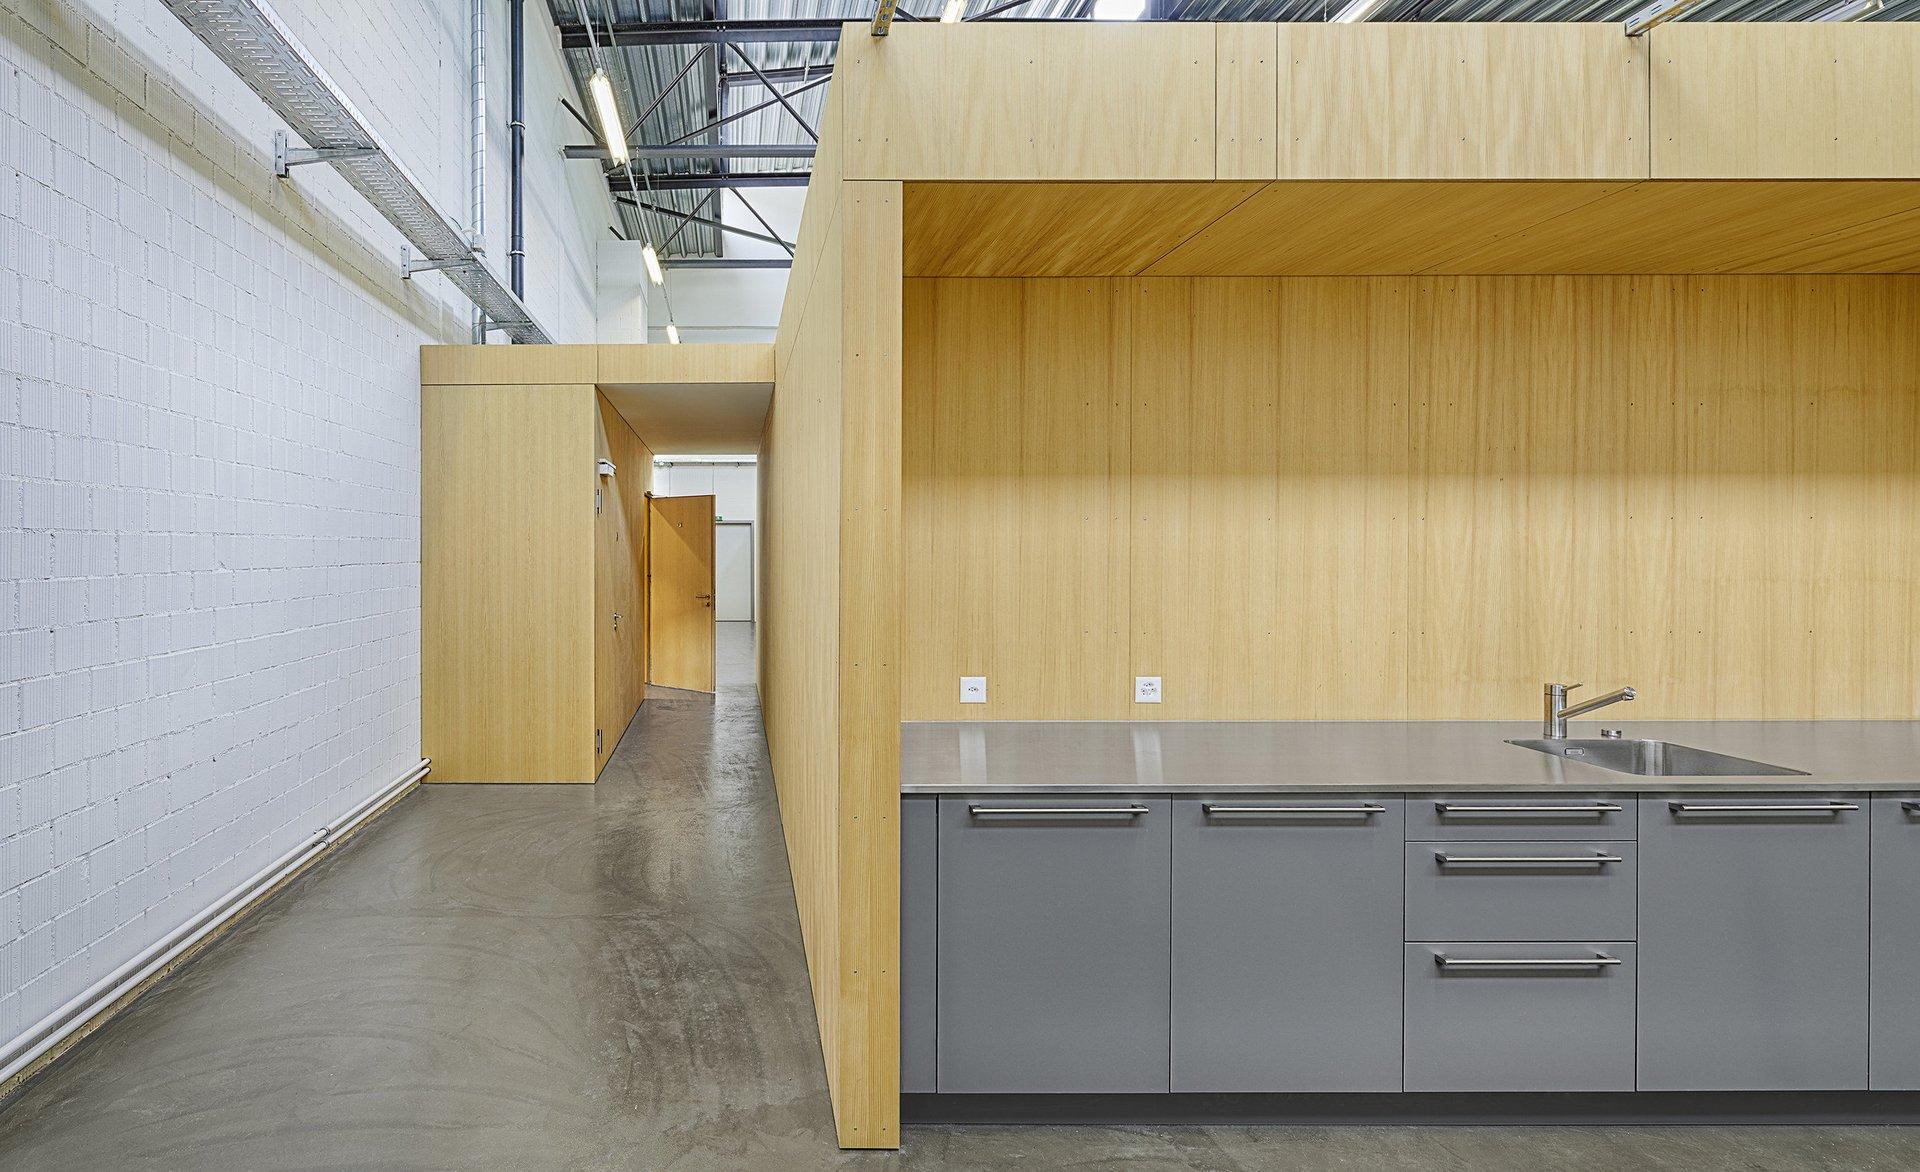 Küchentheke in Indoor-Modul aus Holz in grosser Halle